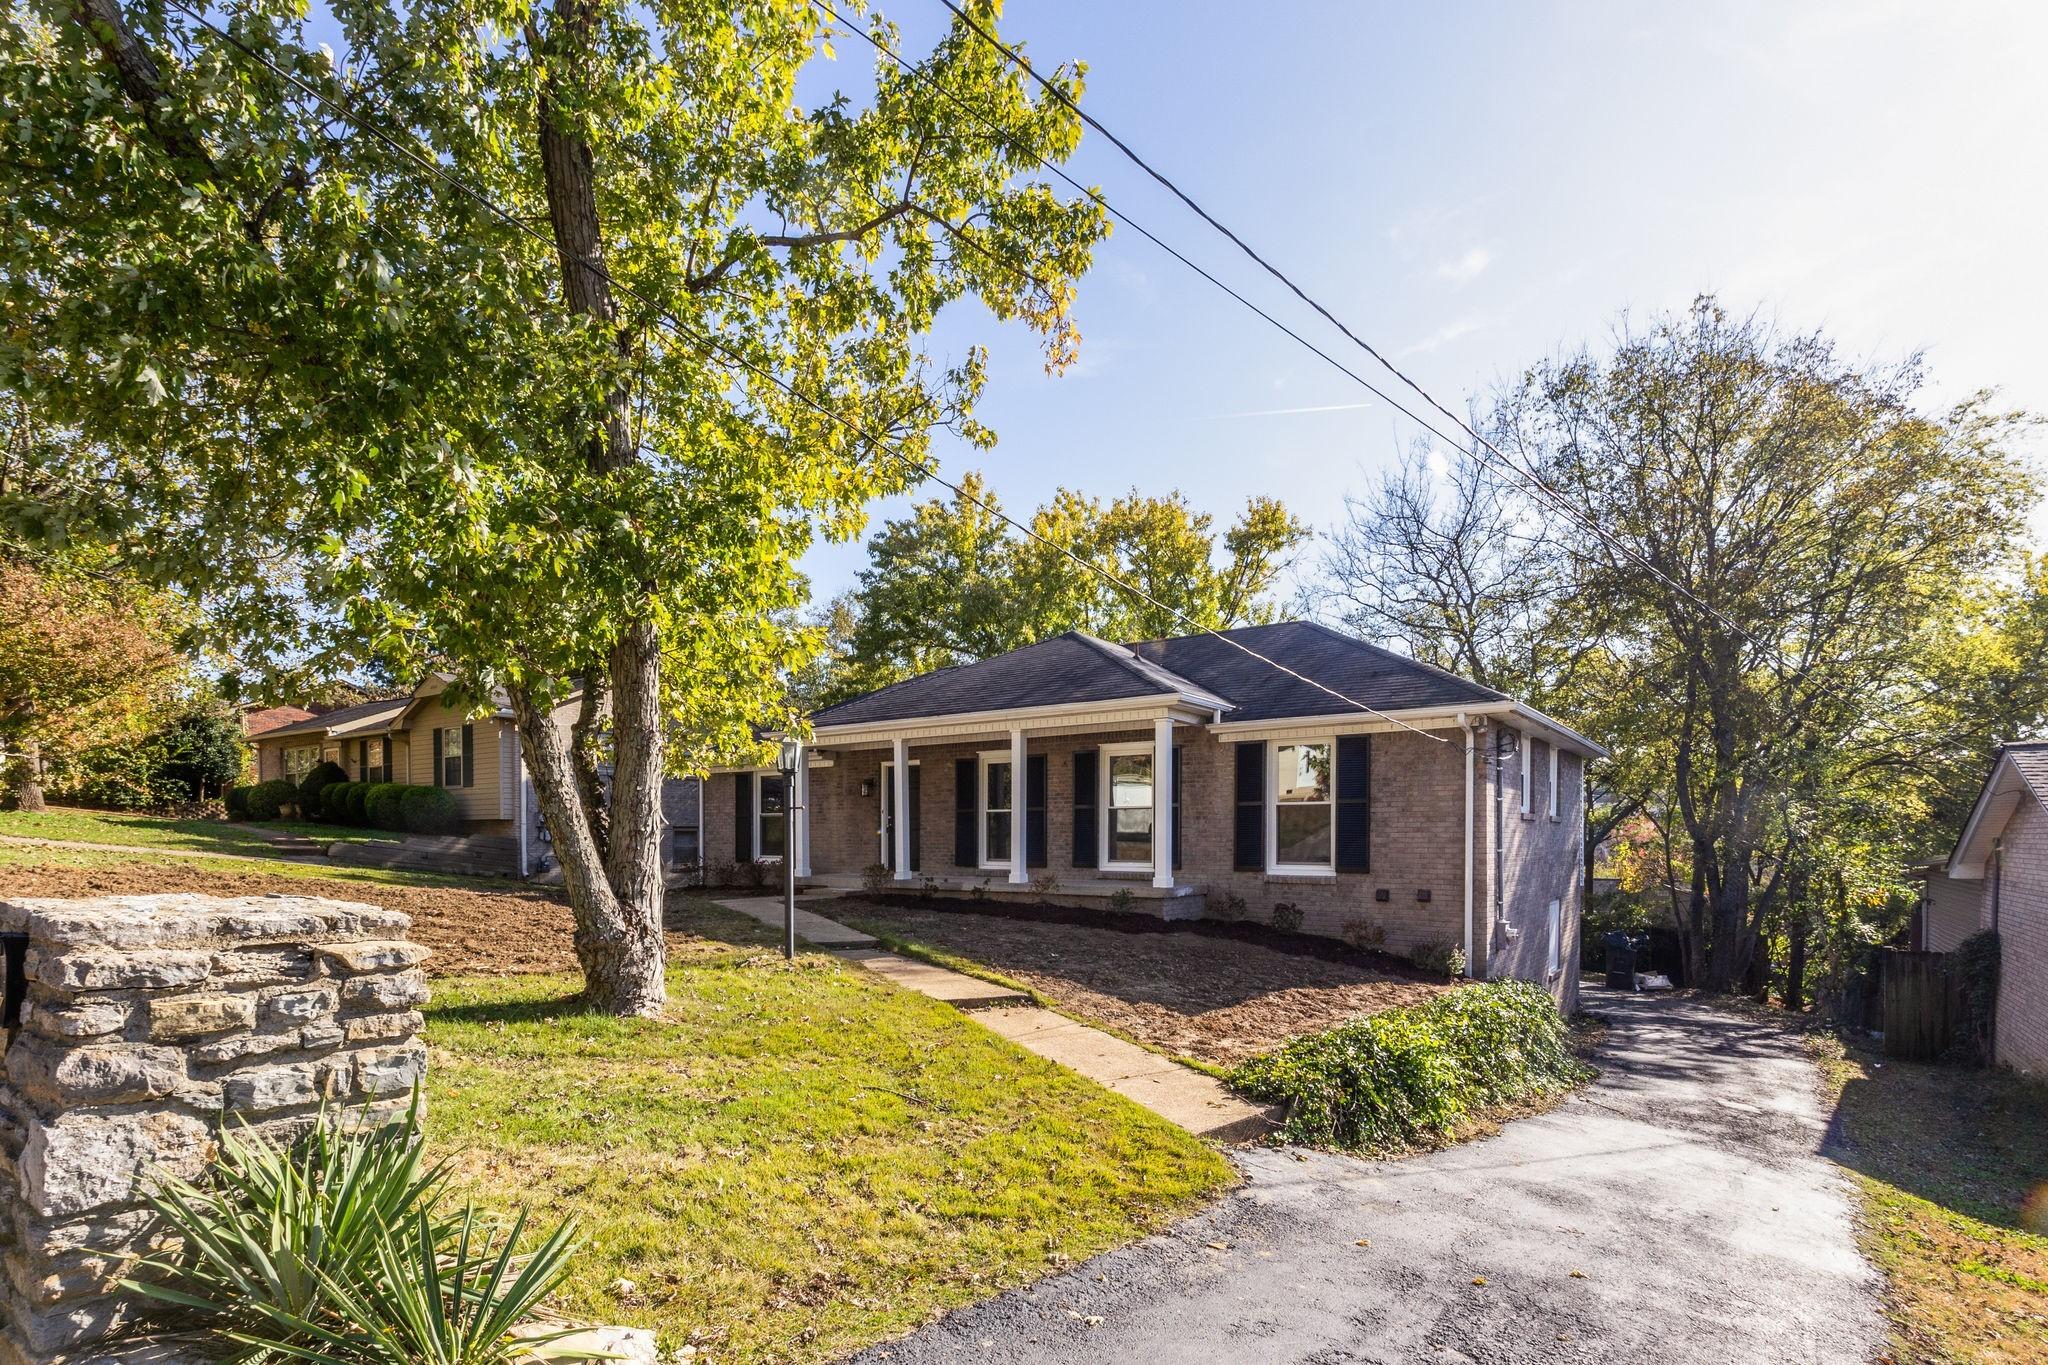 521 Tobylynn Dr, Nashville, TN 37211 - Nashville, TN real estate listing